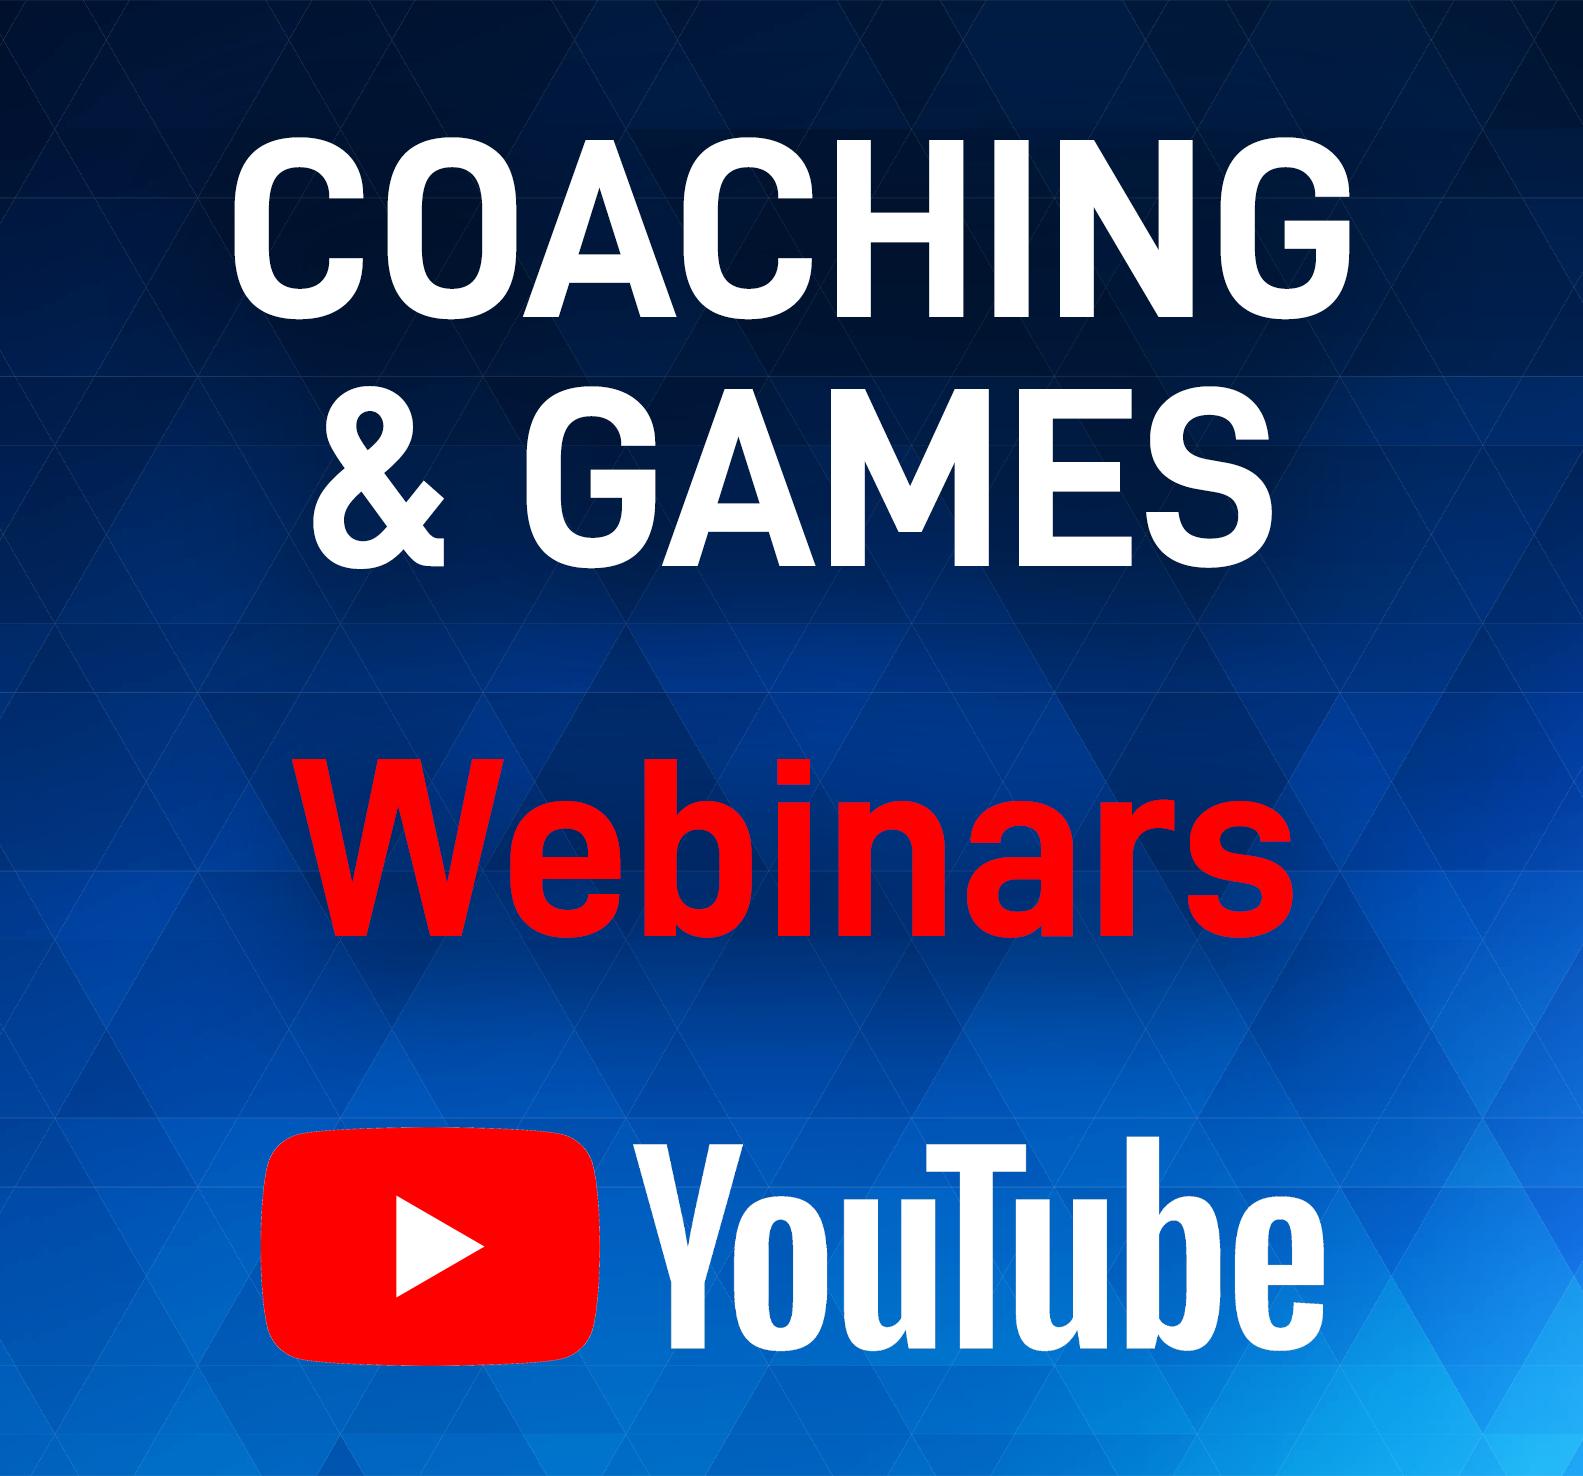 Coaching & Games Webinars